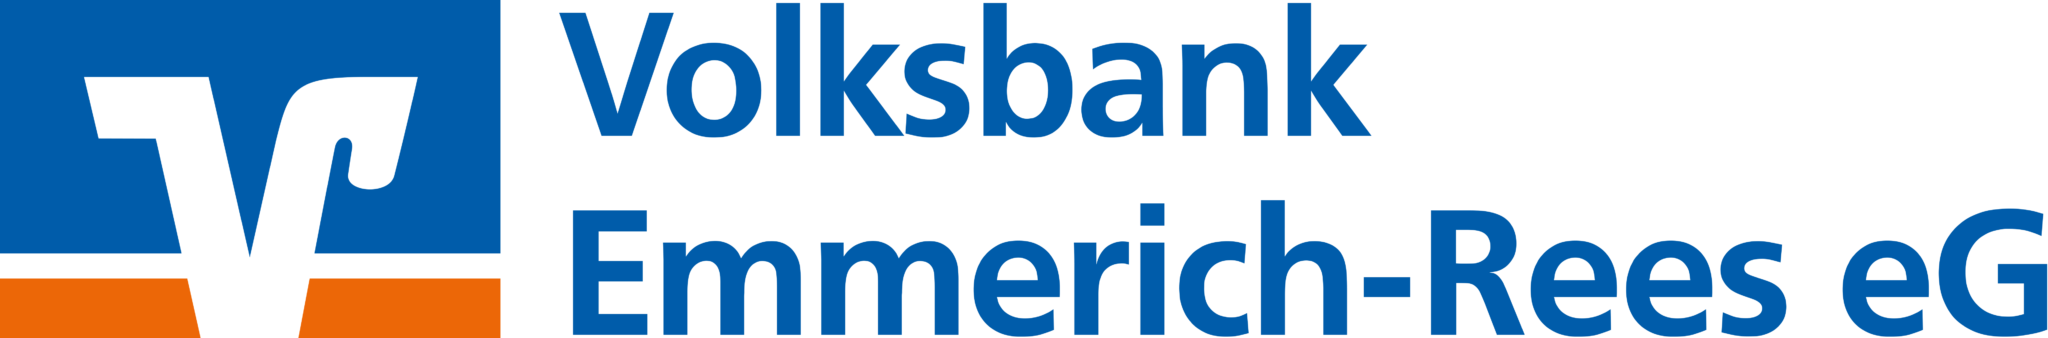 Volksbank Emmerich-Rees eG